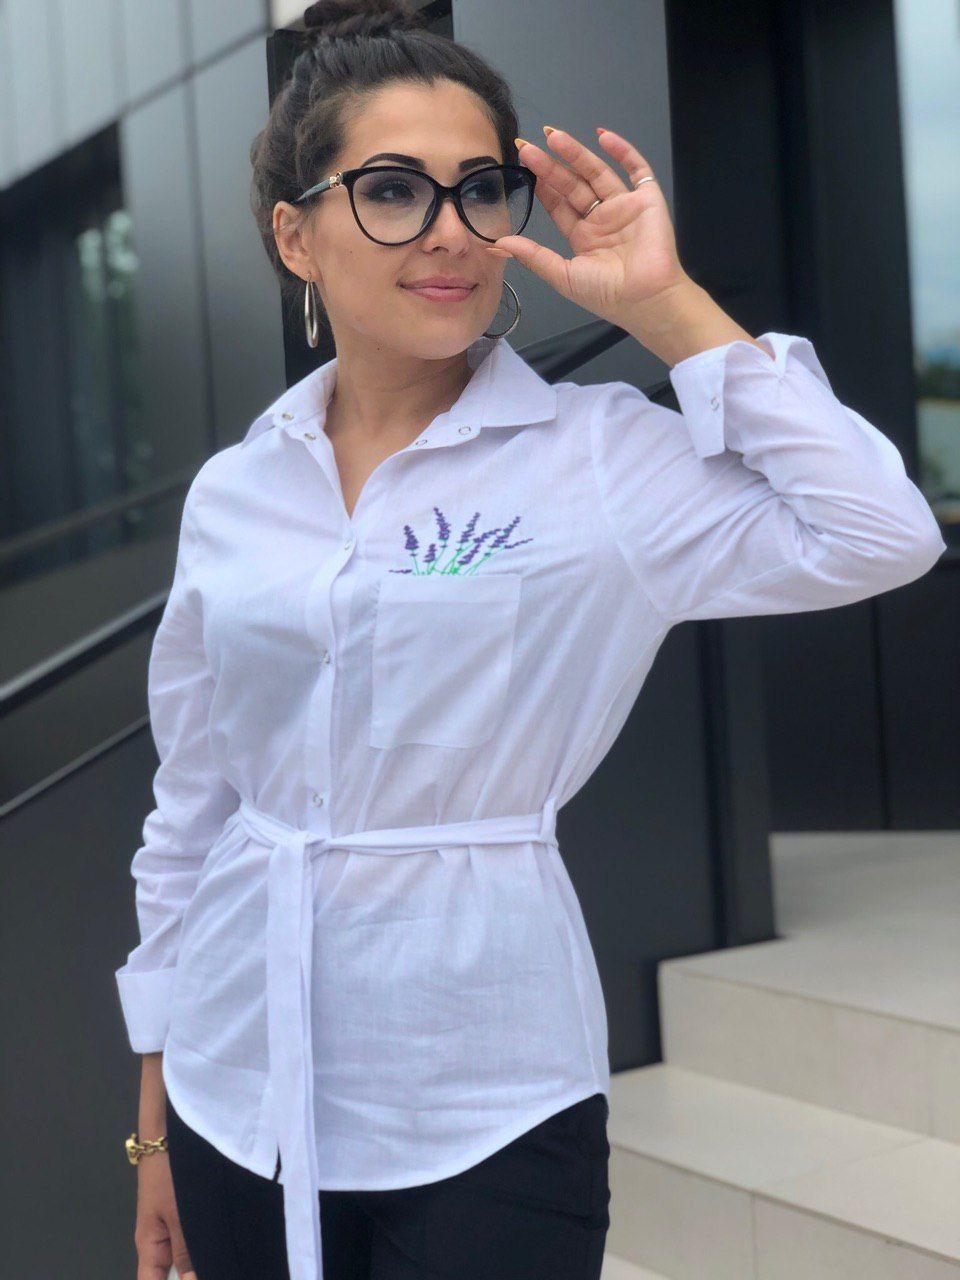 Рубашка белая женская с лавандой